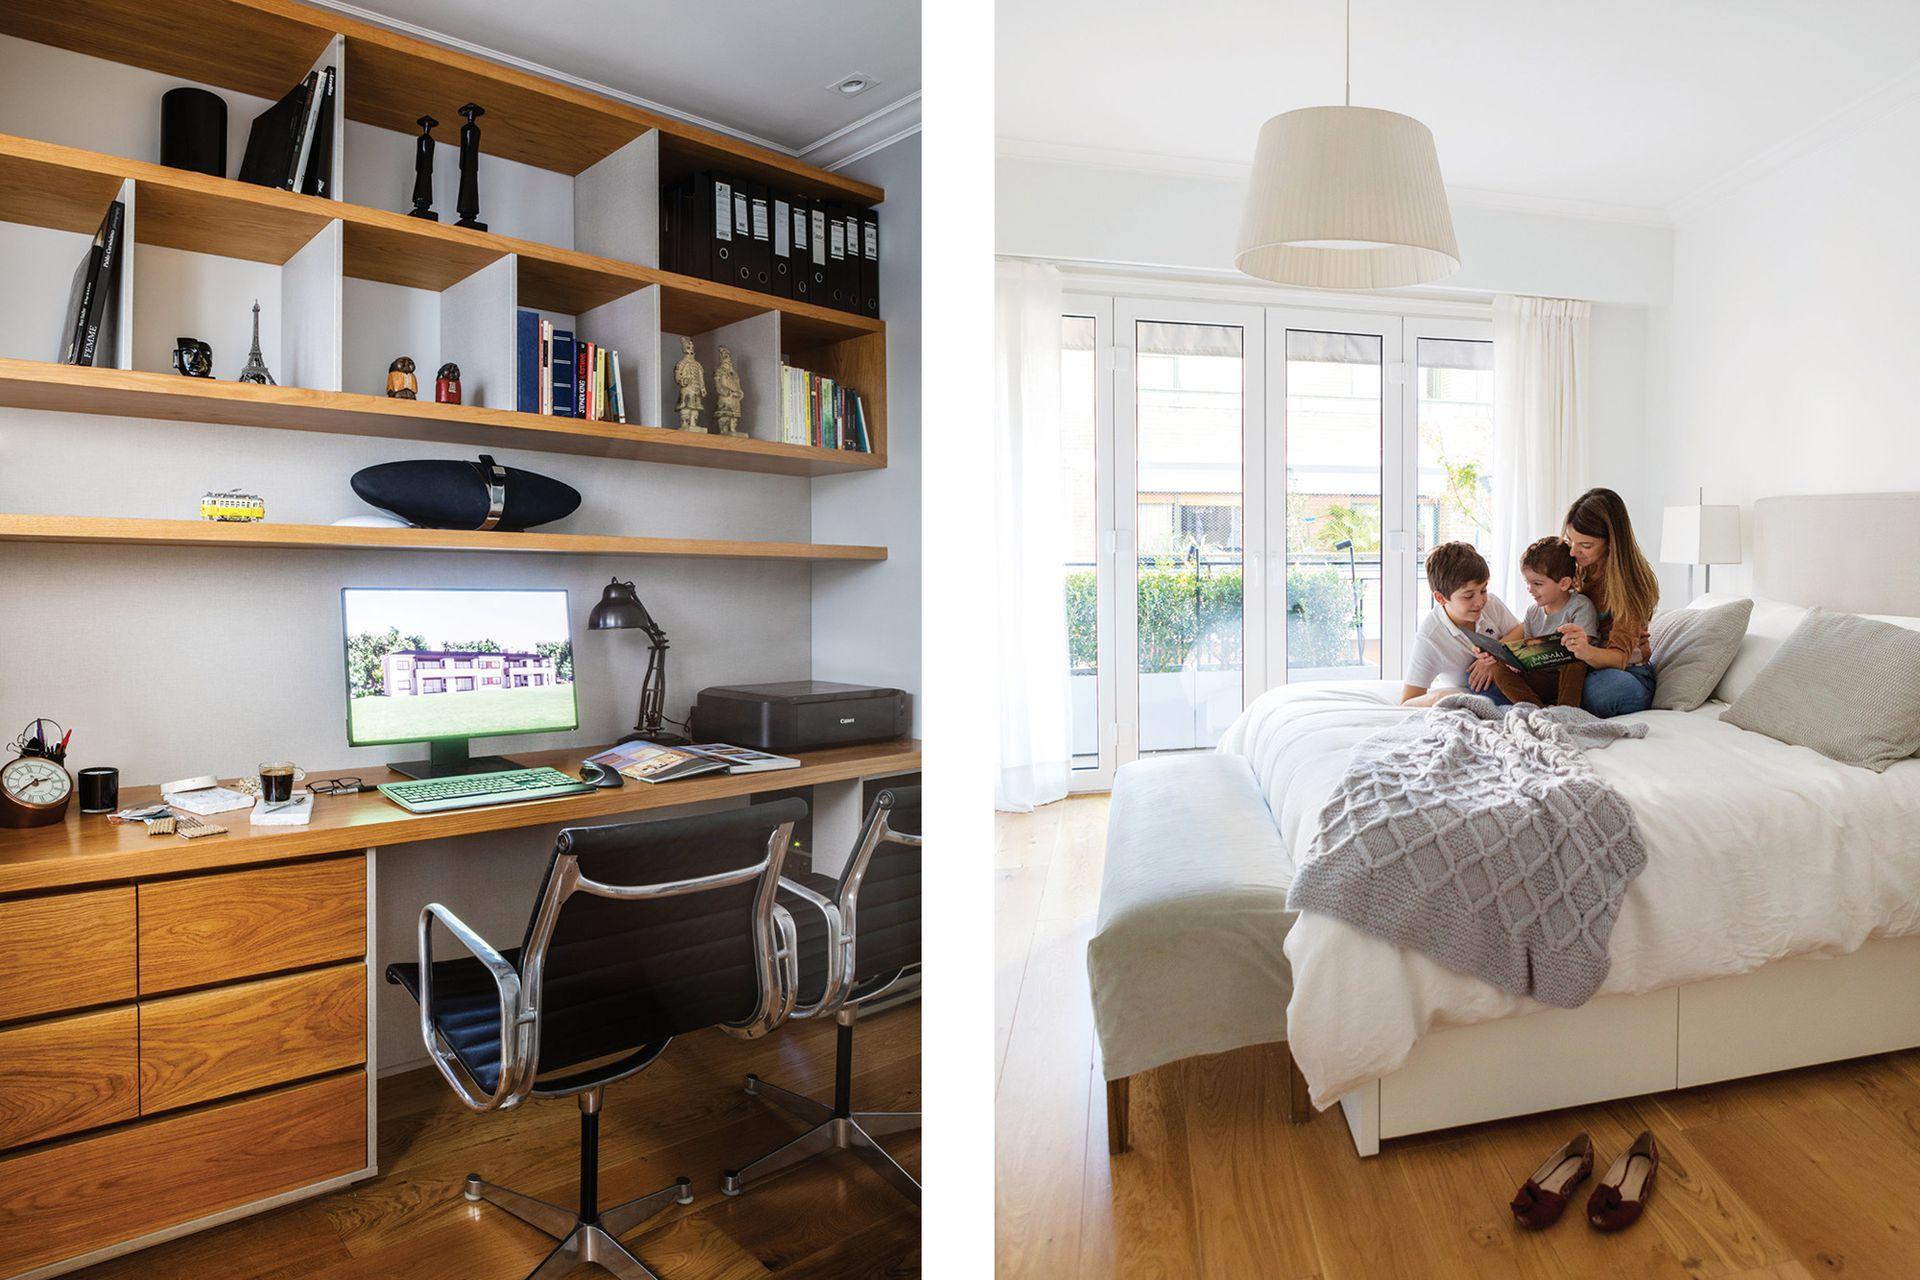 En el estudio, escritorio y biblioteca de roble diseñado por AT Arqs. Sillas de escritorio 'Eames Aluminum' (Herman Miller).